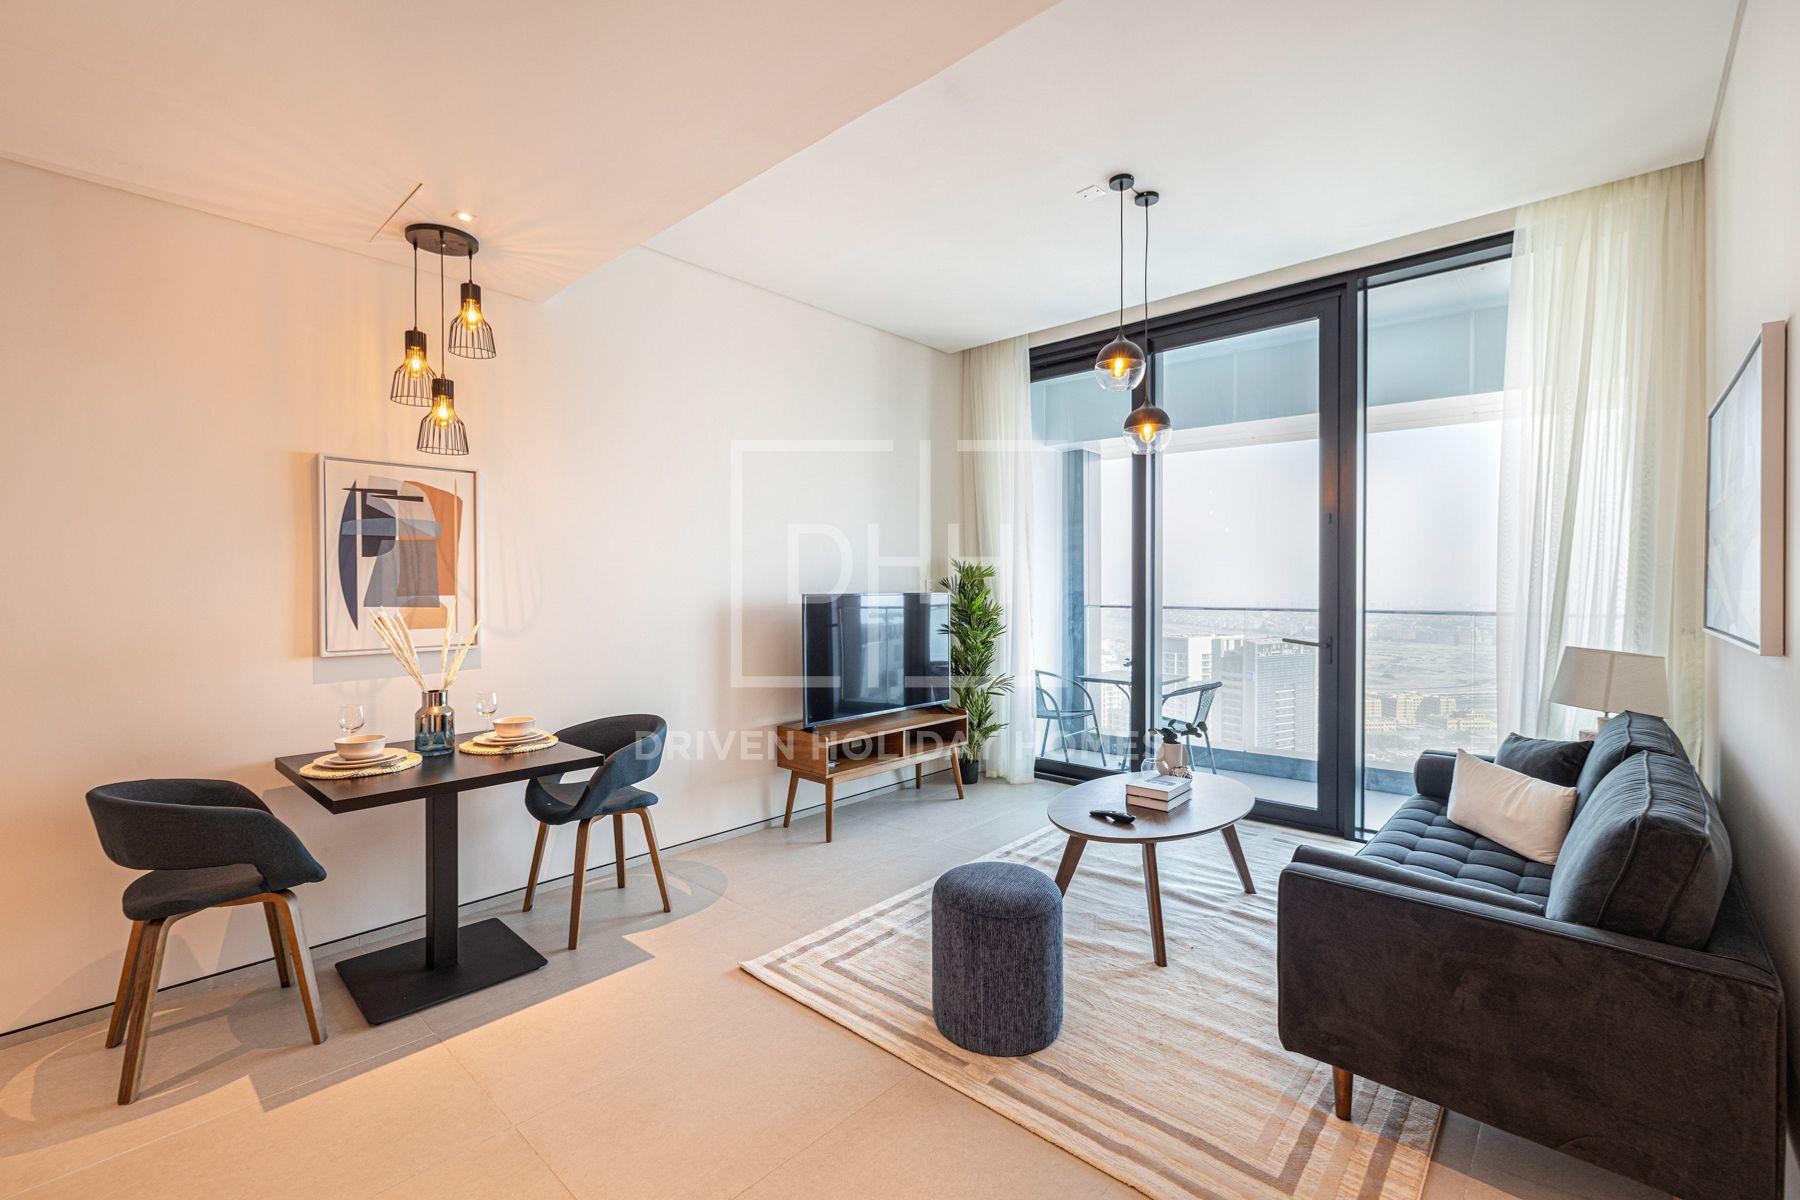 763 قدم مربع  شقة - للايجار - مساكن شاطئ الجميرا